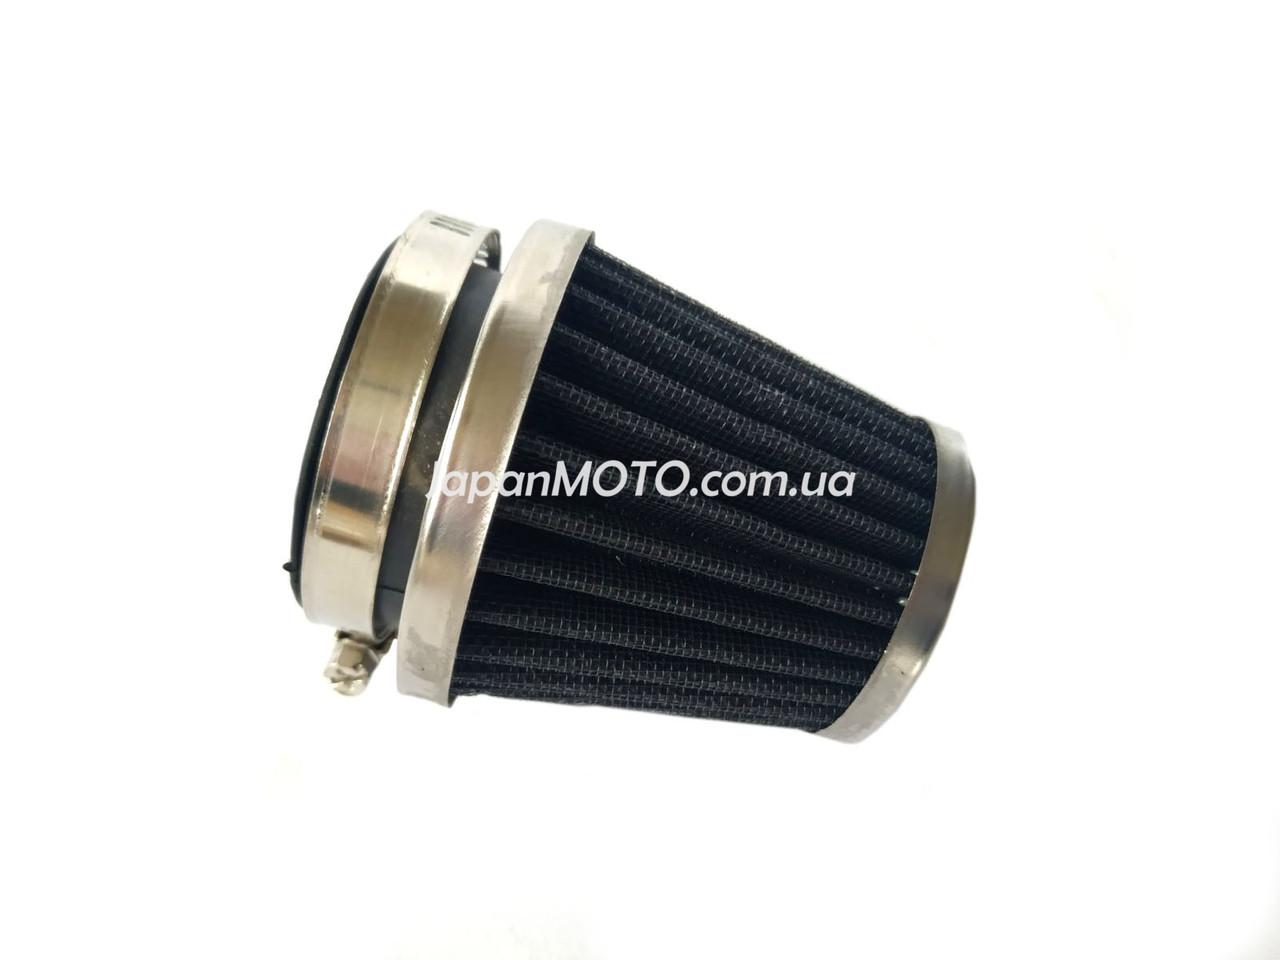 Фильтр воздушный (нулевик) Ø45/60mm KM